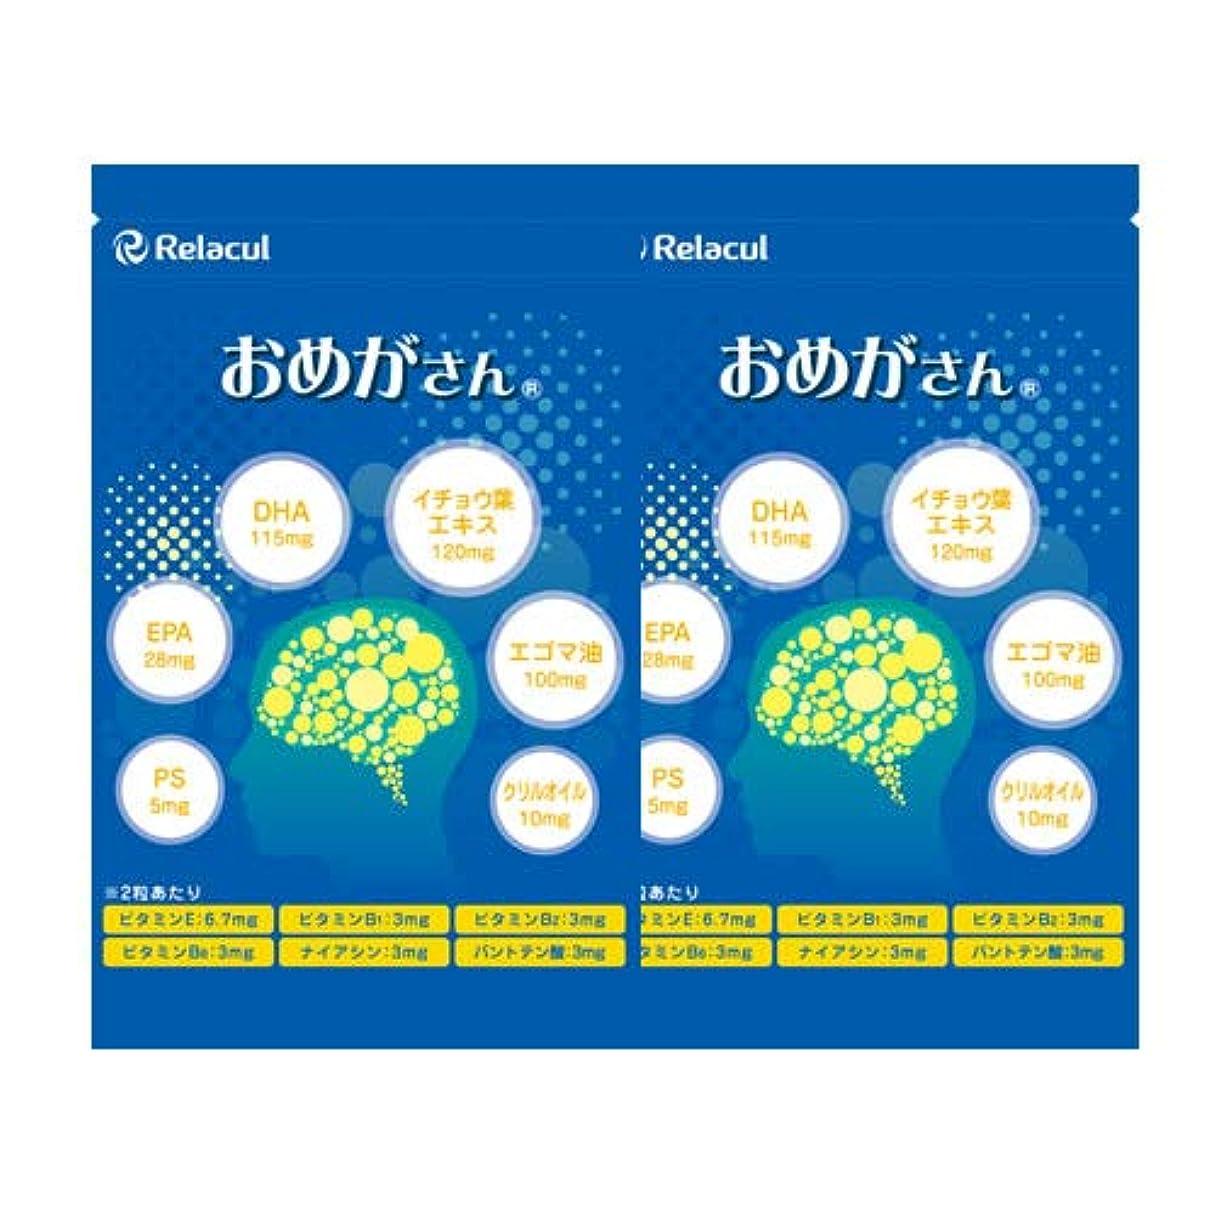 それにもかかわらず考案する敗北オメガ3脂肪酸 DHA EPA サプリ (日本製) うっかり 対策 サプリメント [偏った食生活に] フィッシュオイル イチョウ葉エキス エゴマ油 クリルオイル [おめがさん 2袋セット] 120粒入 (約2か月分)